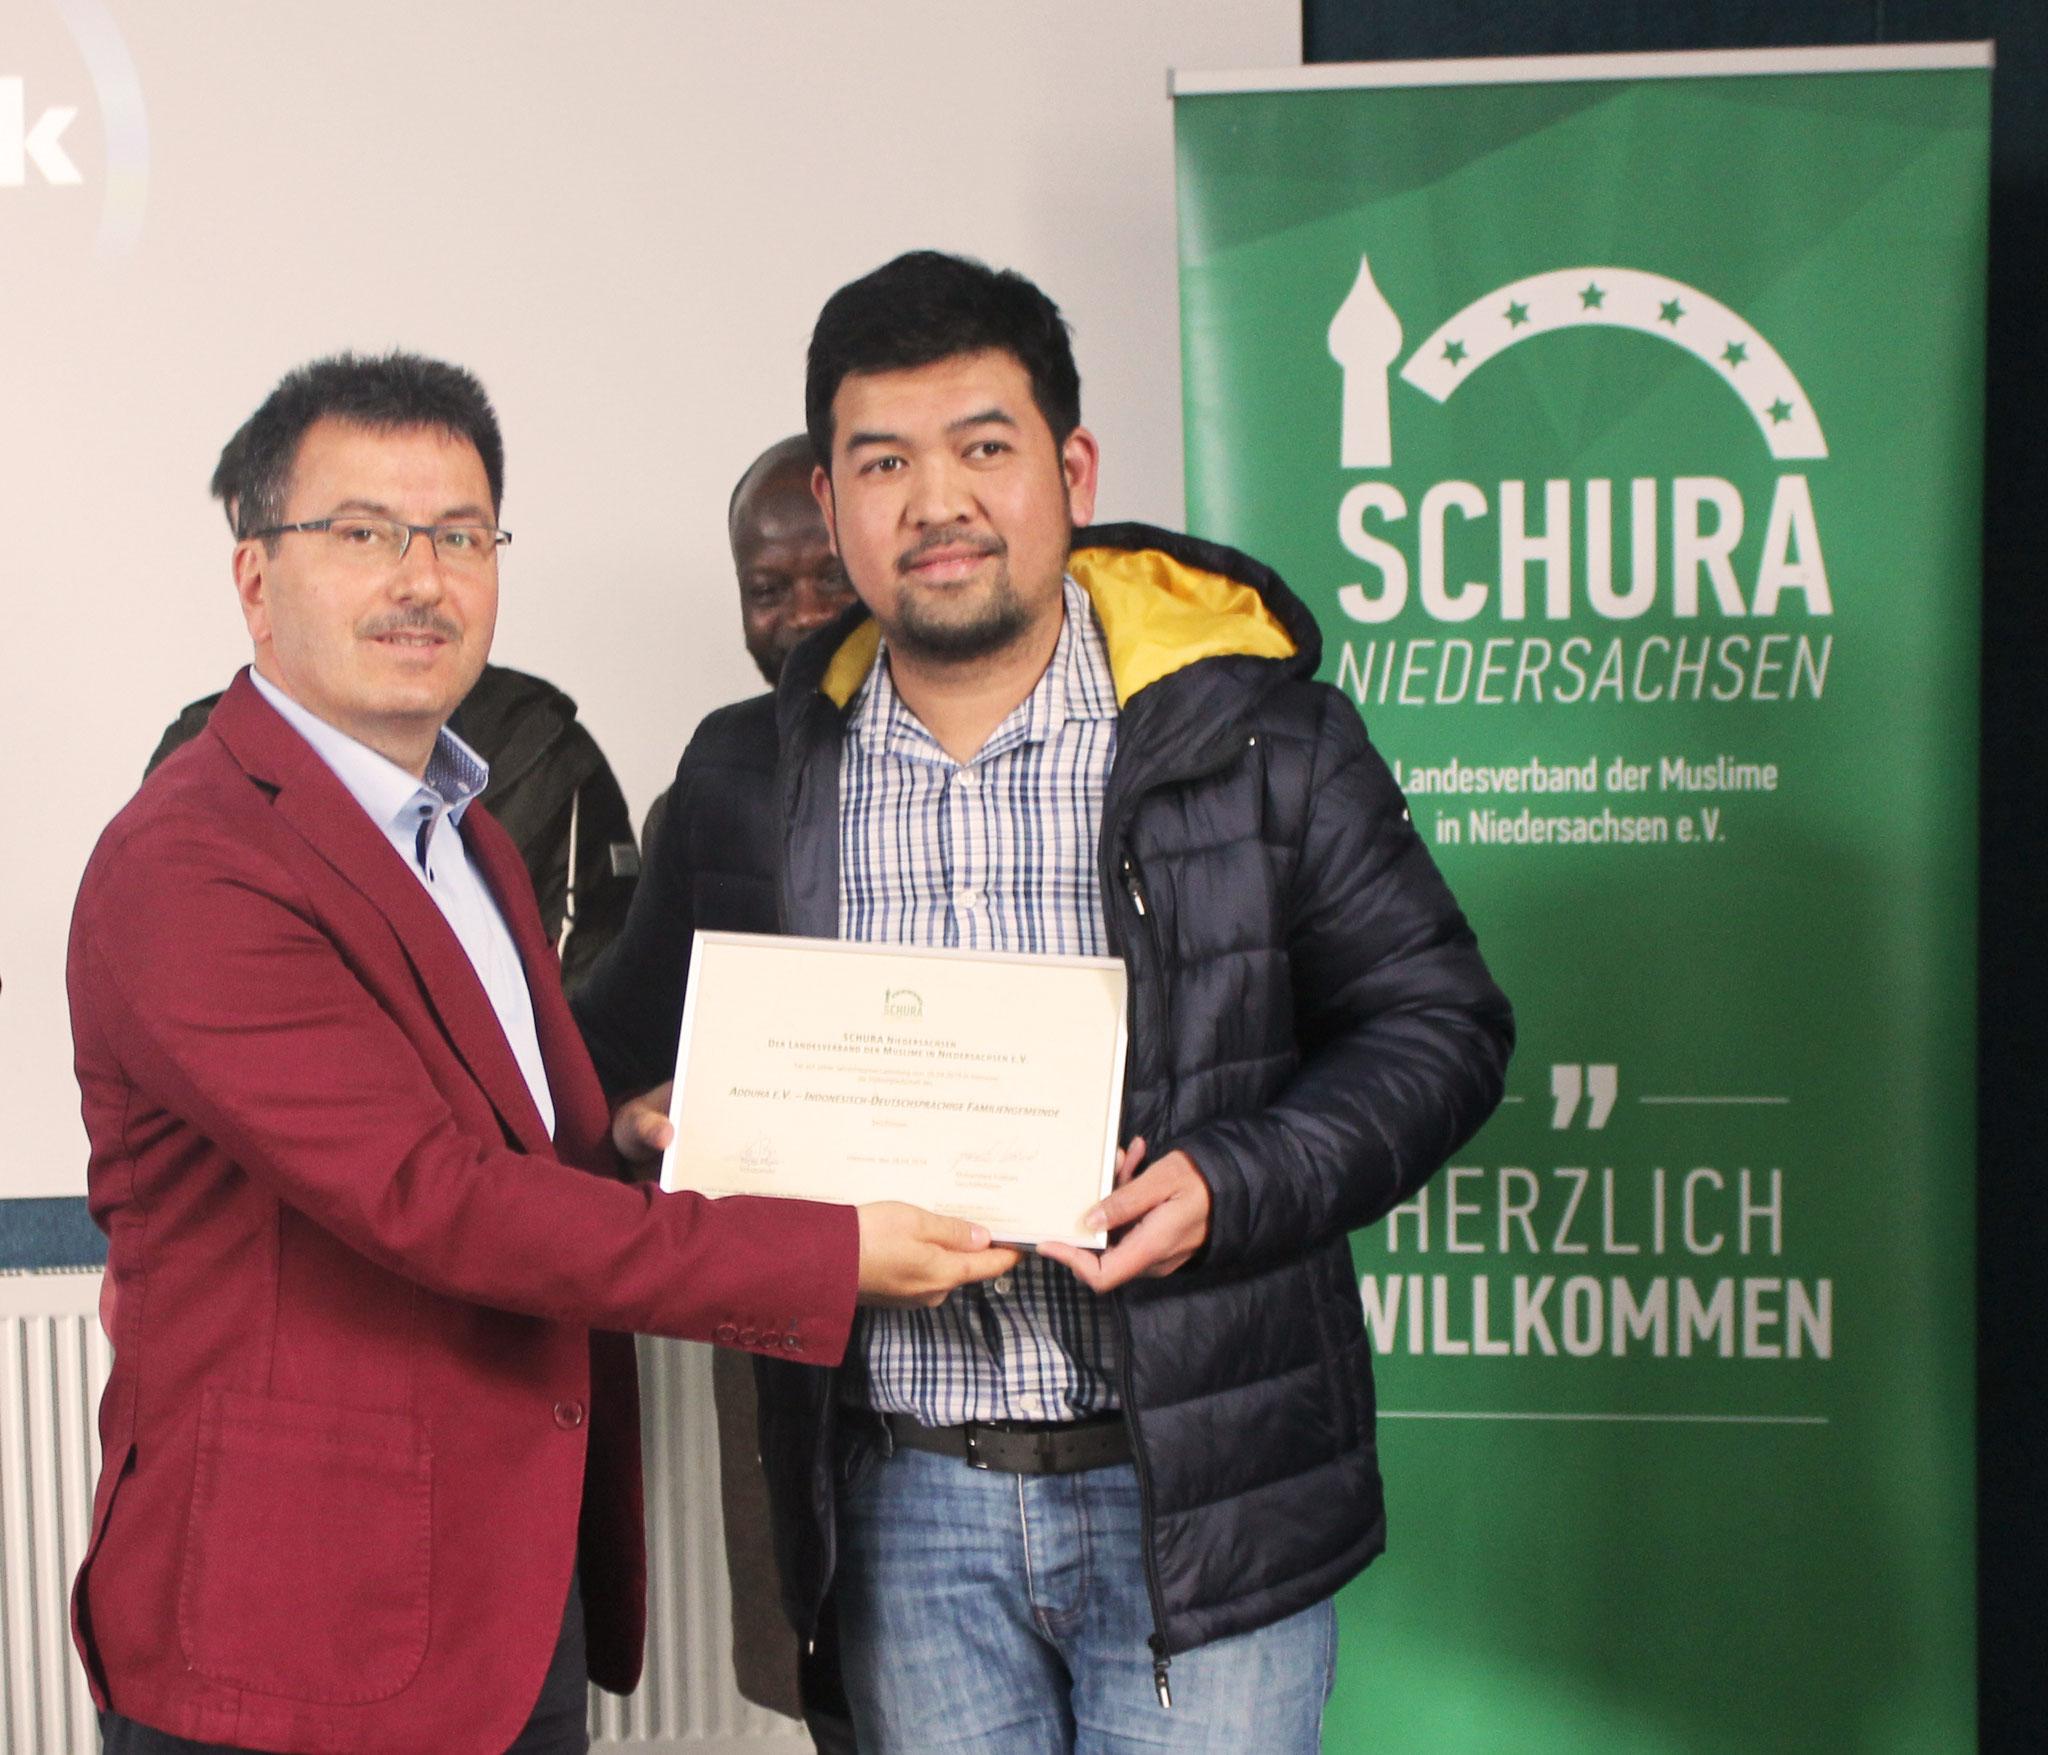 SCHURA Niedersachsen verstärkt Ihre Vielfalt auf der Jahreshauptversammlung 28.04.2019